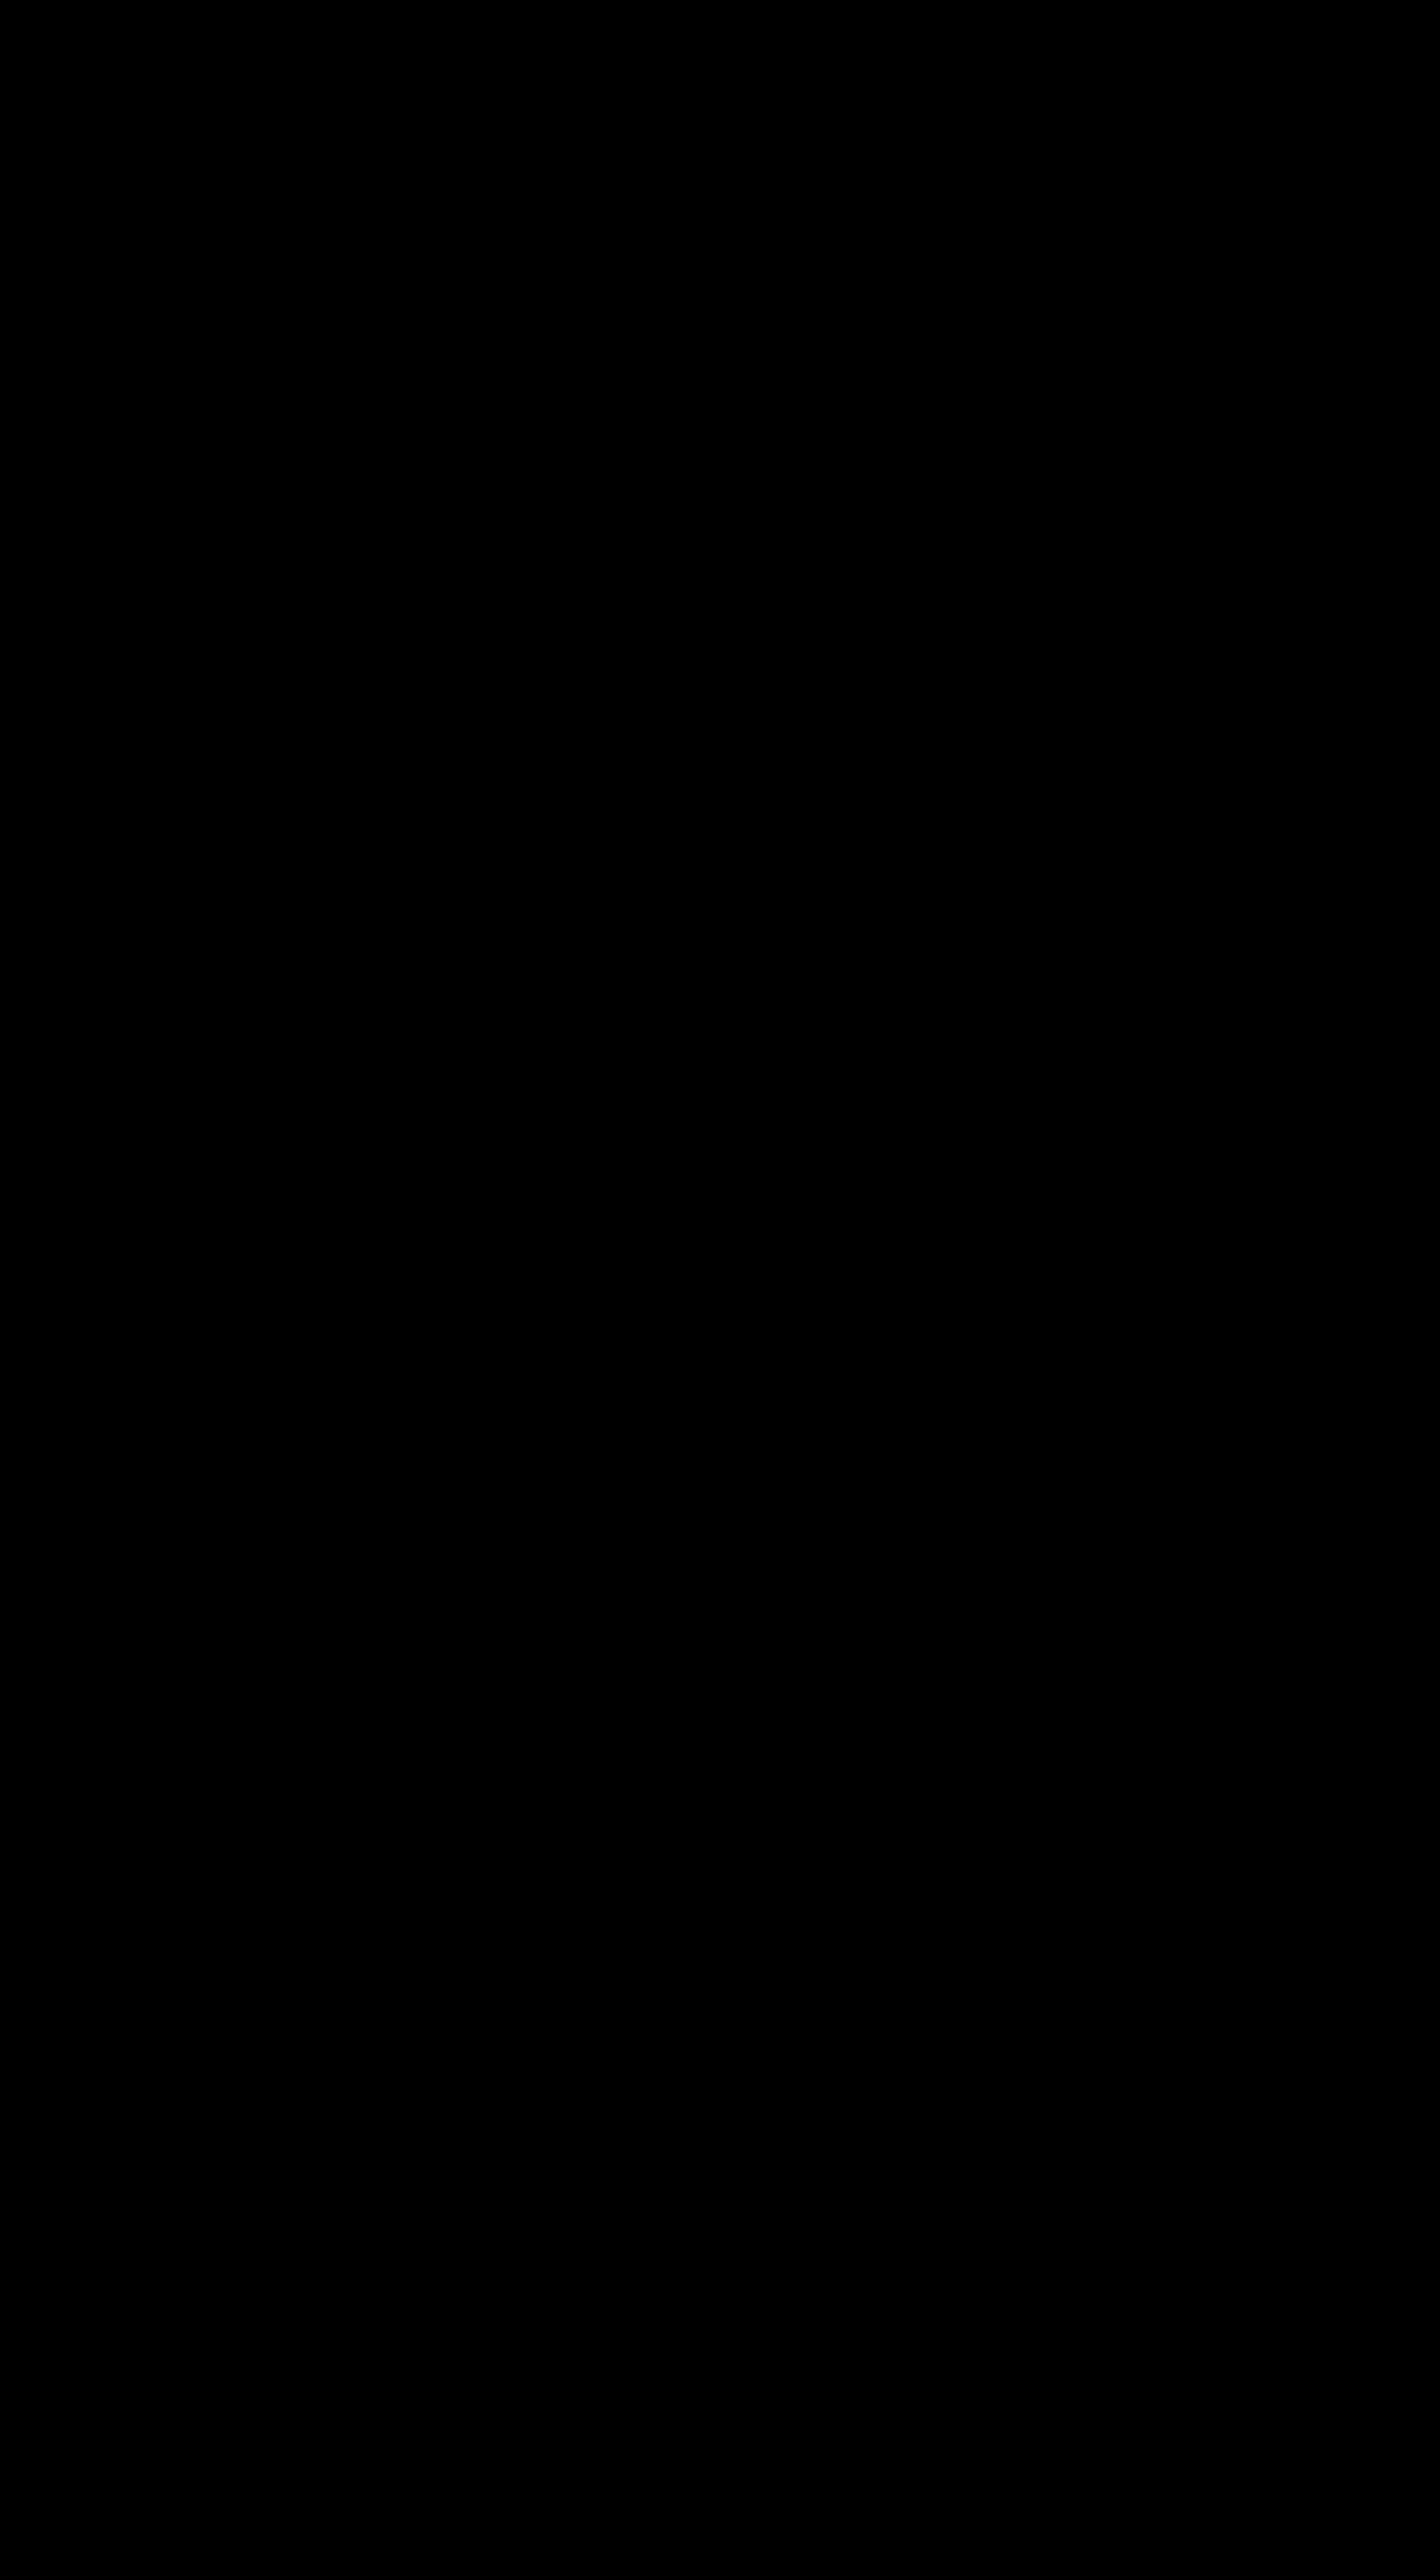 Heathkit Sb 101 Manual Pdf